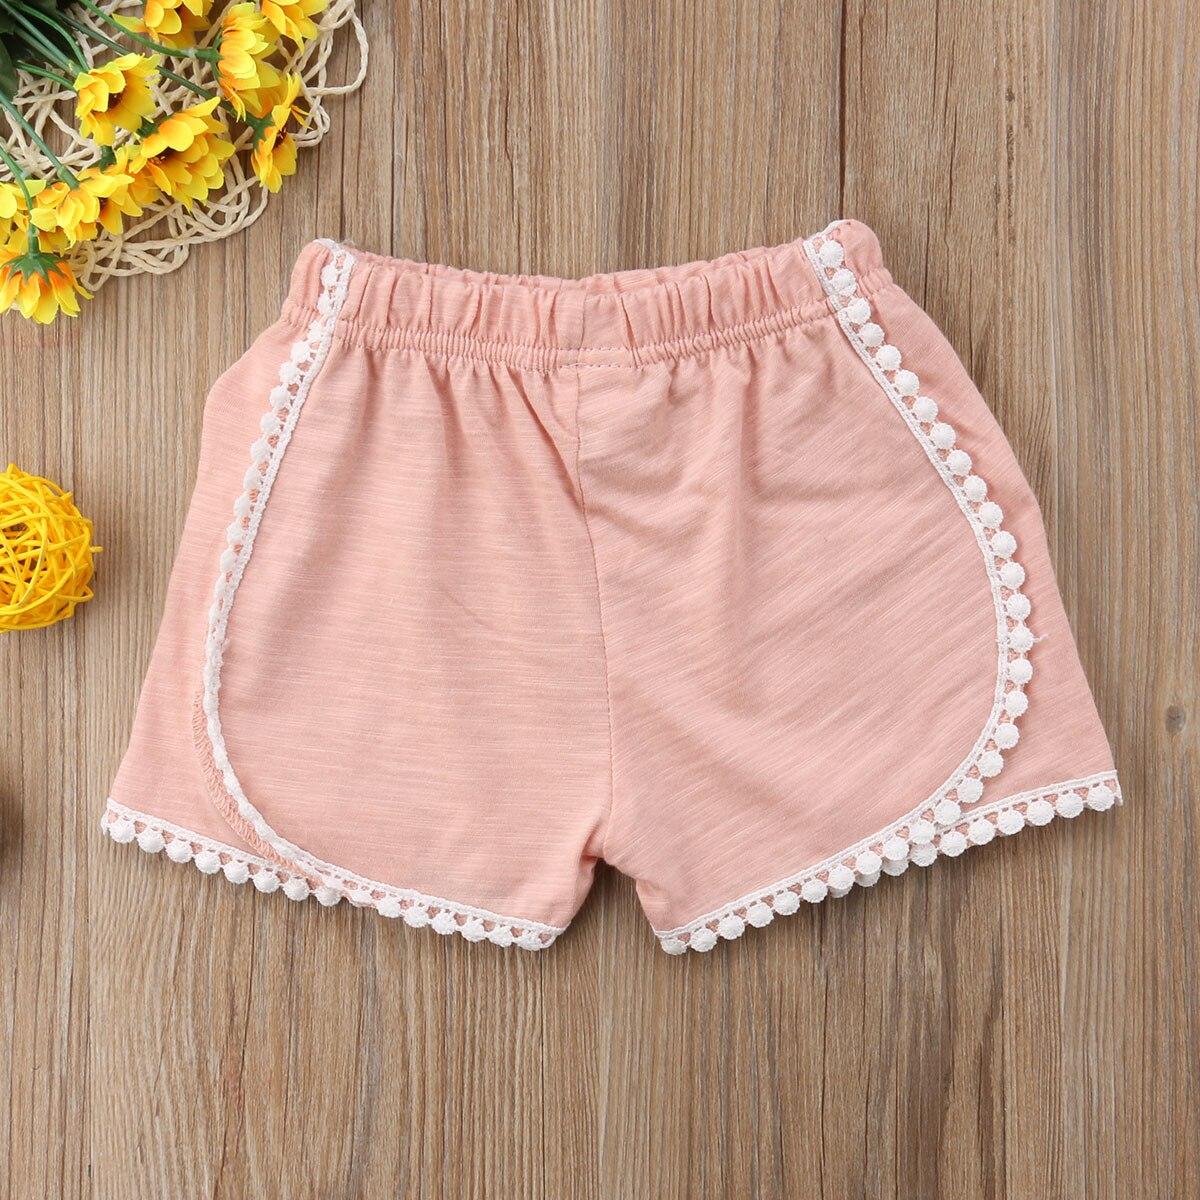 0-4 T Infantile Del Bambino Della Ragazza Dei Bambini Pantaloni Di Cotone Shorts Gonne E Pantaloni Pp Bloomers Mutandine E Boxer